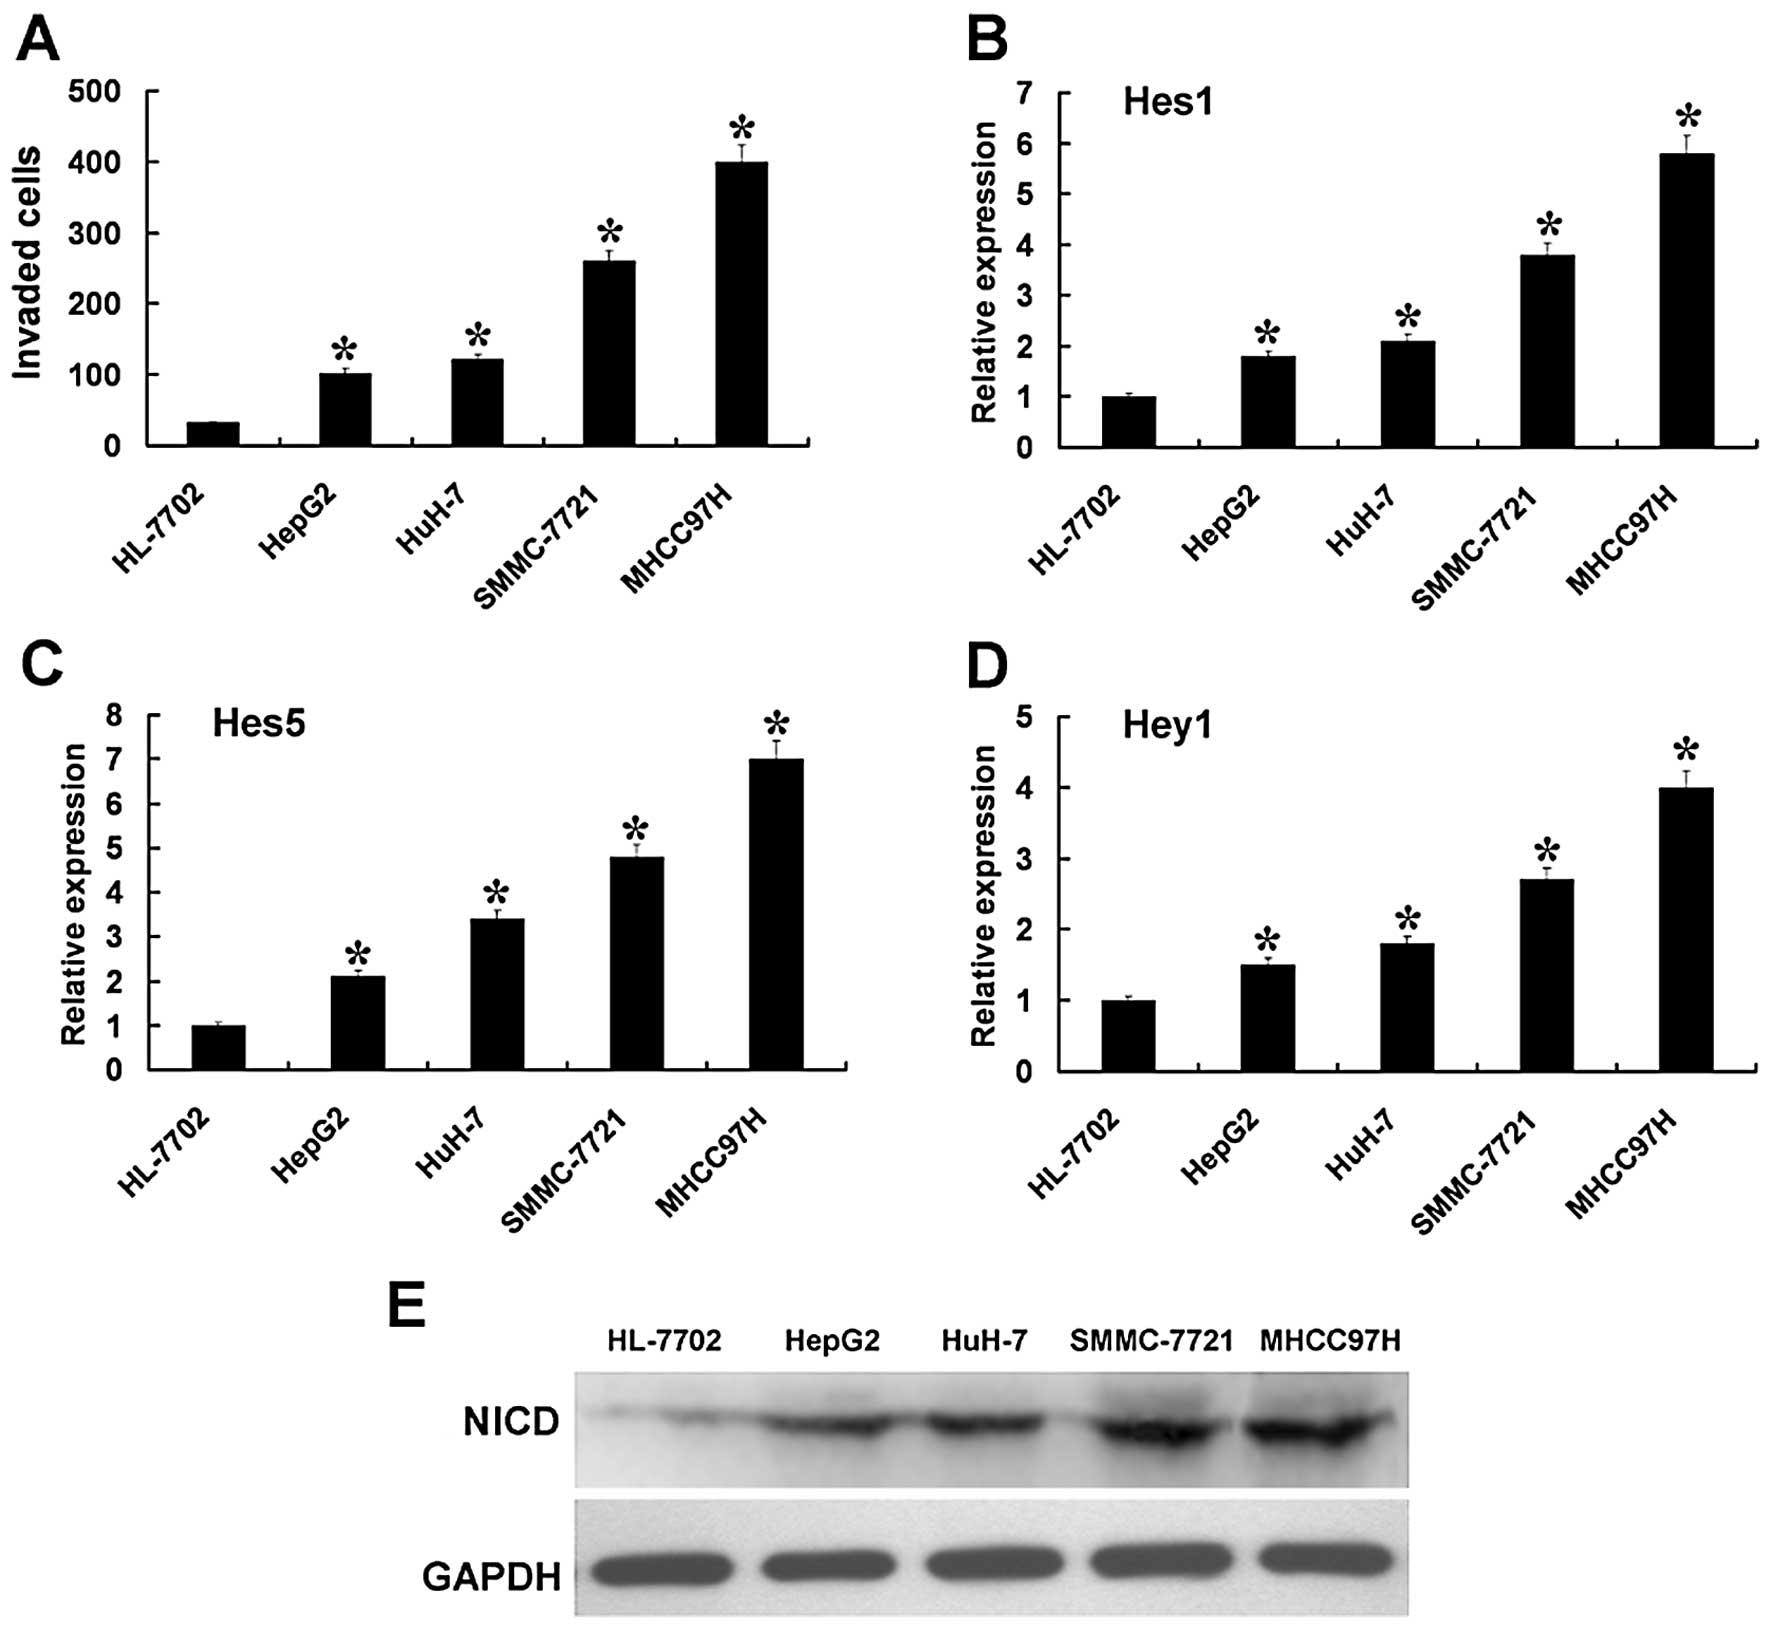 Notch Pathway Inhibition Using PF-03084014, a γ-Secretase